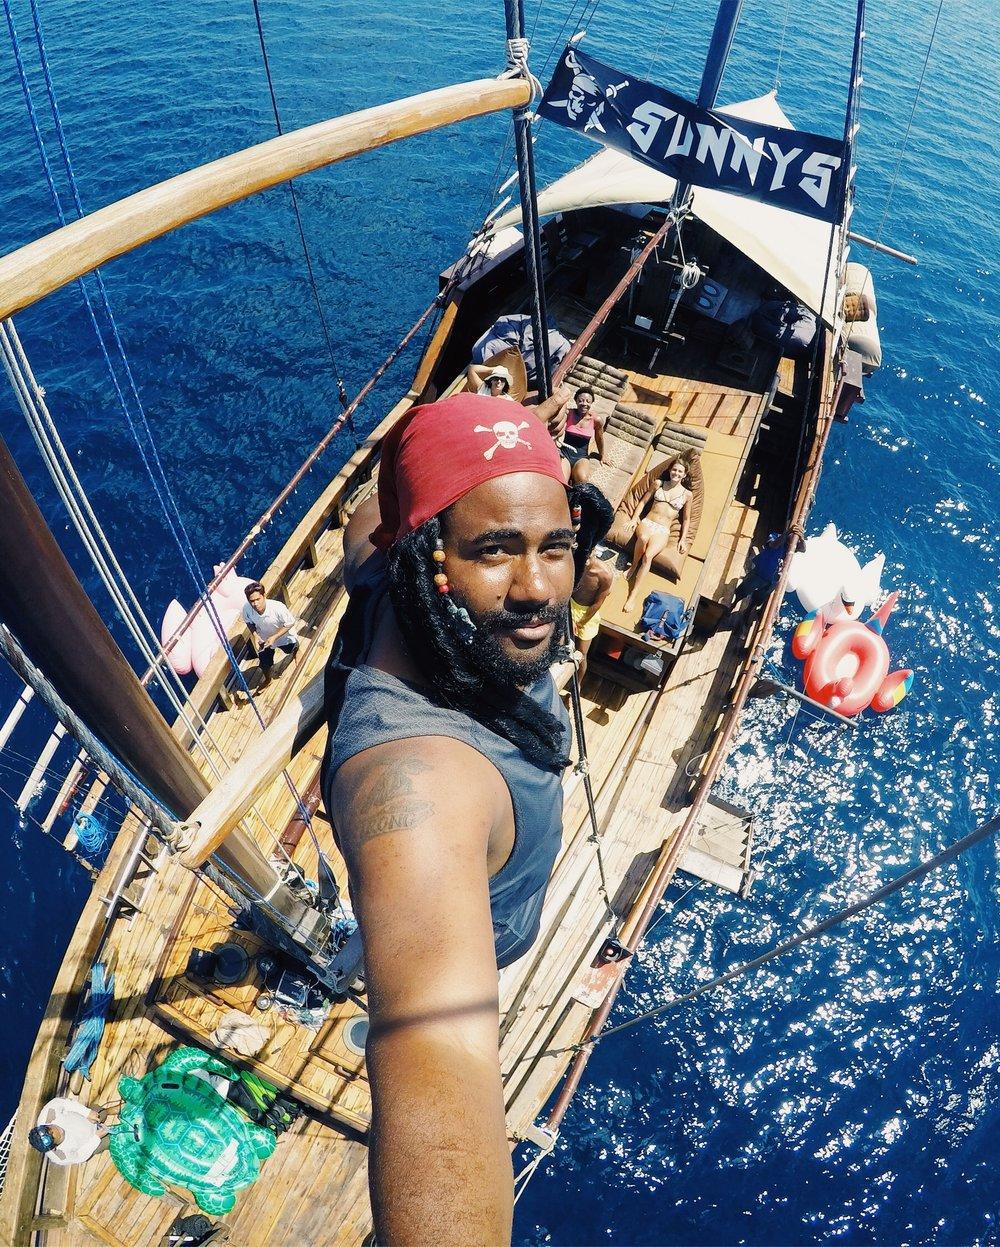 Pirates of Bali or the Bahamas? Both!